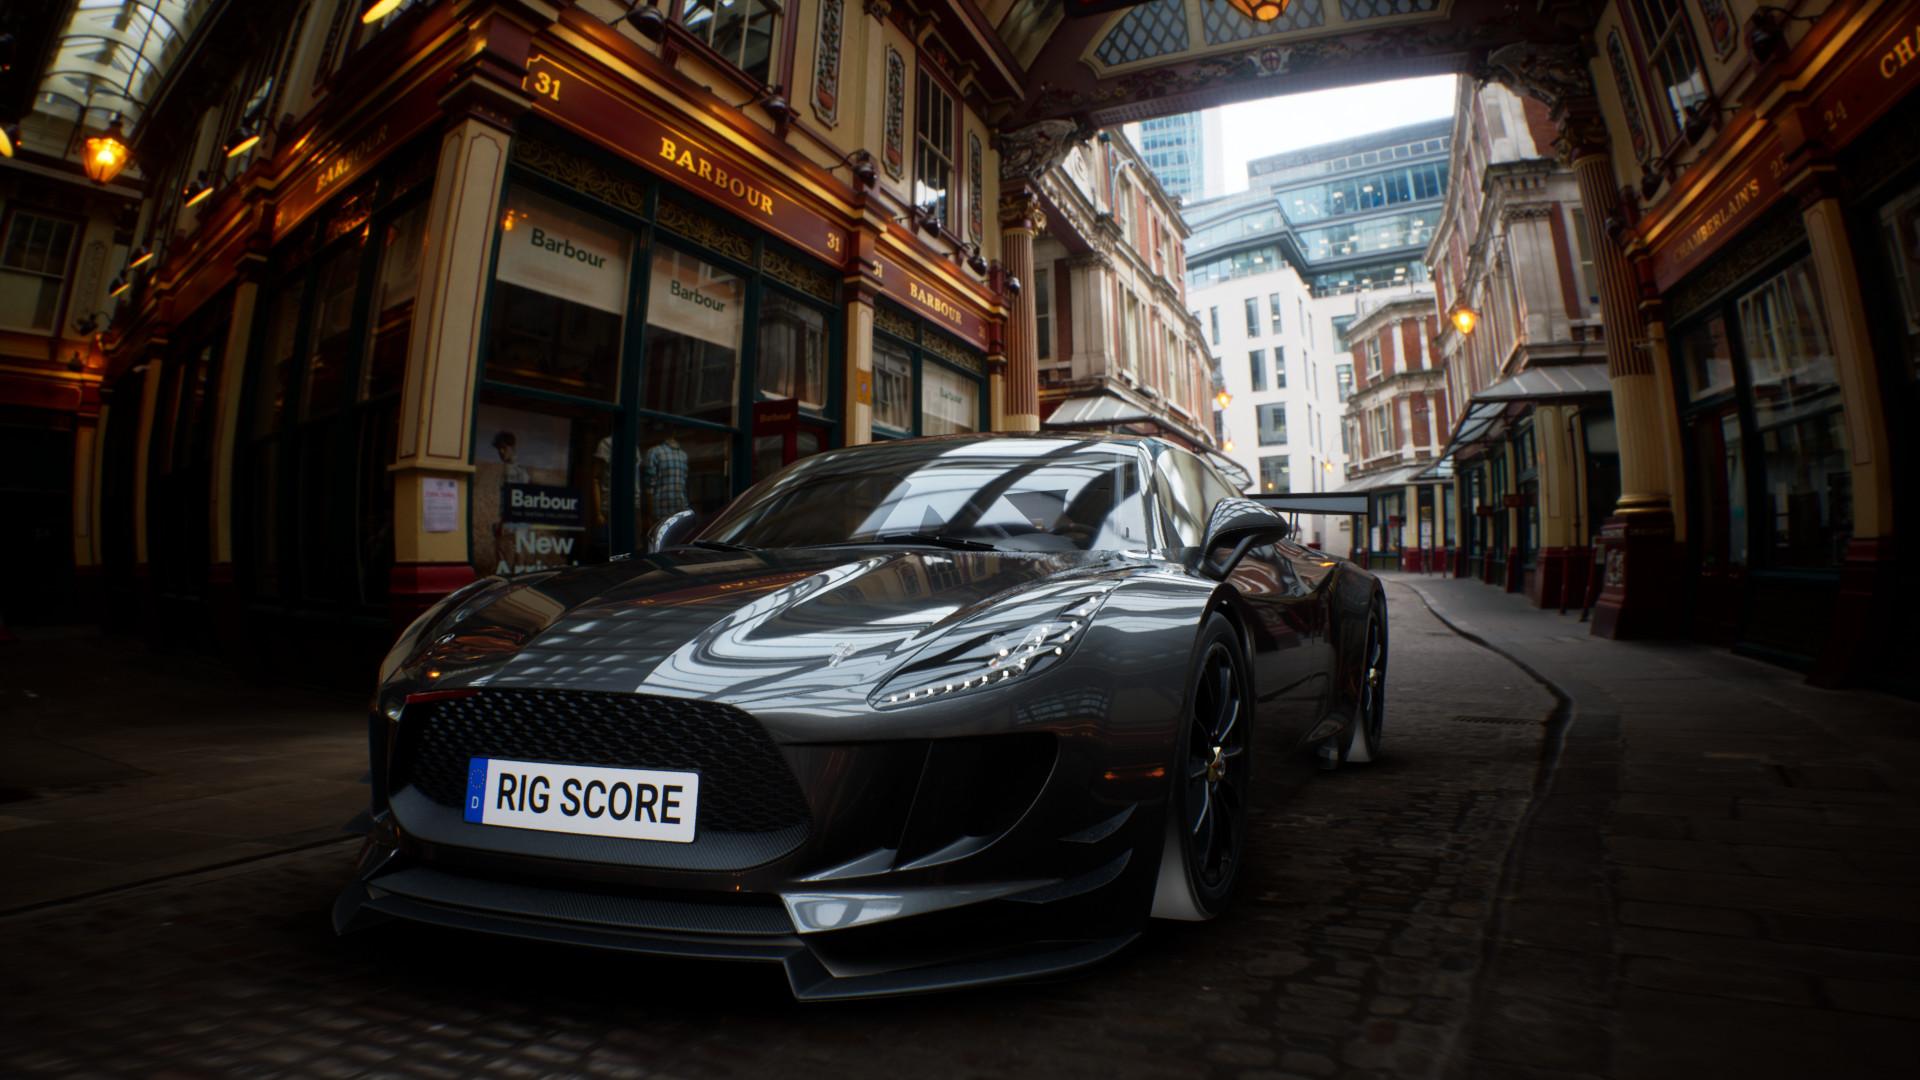 汽车摄影模拟器《Rig Score》上架Steam 自带中配